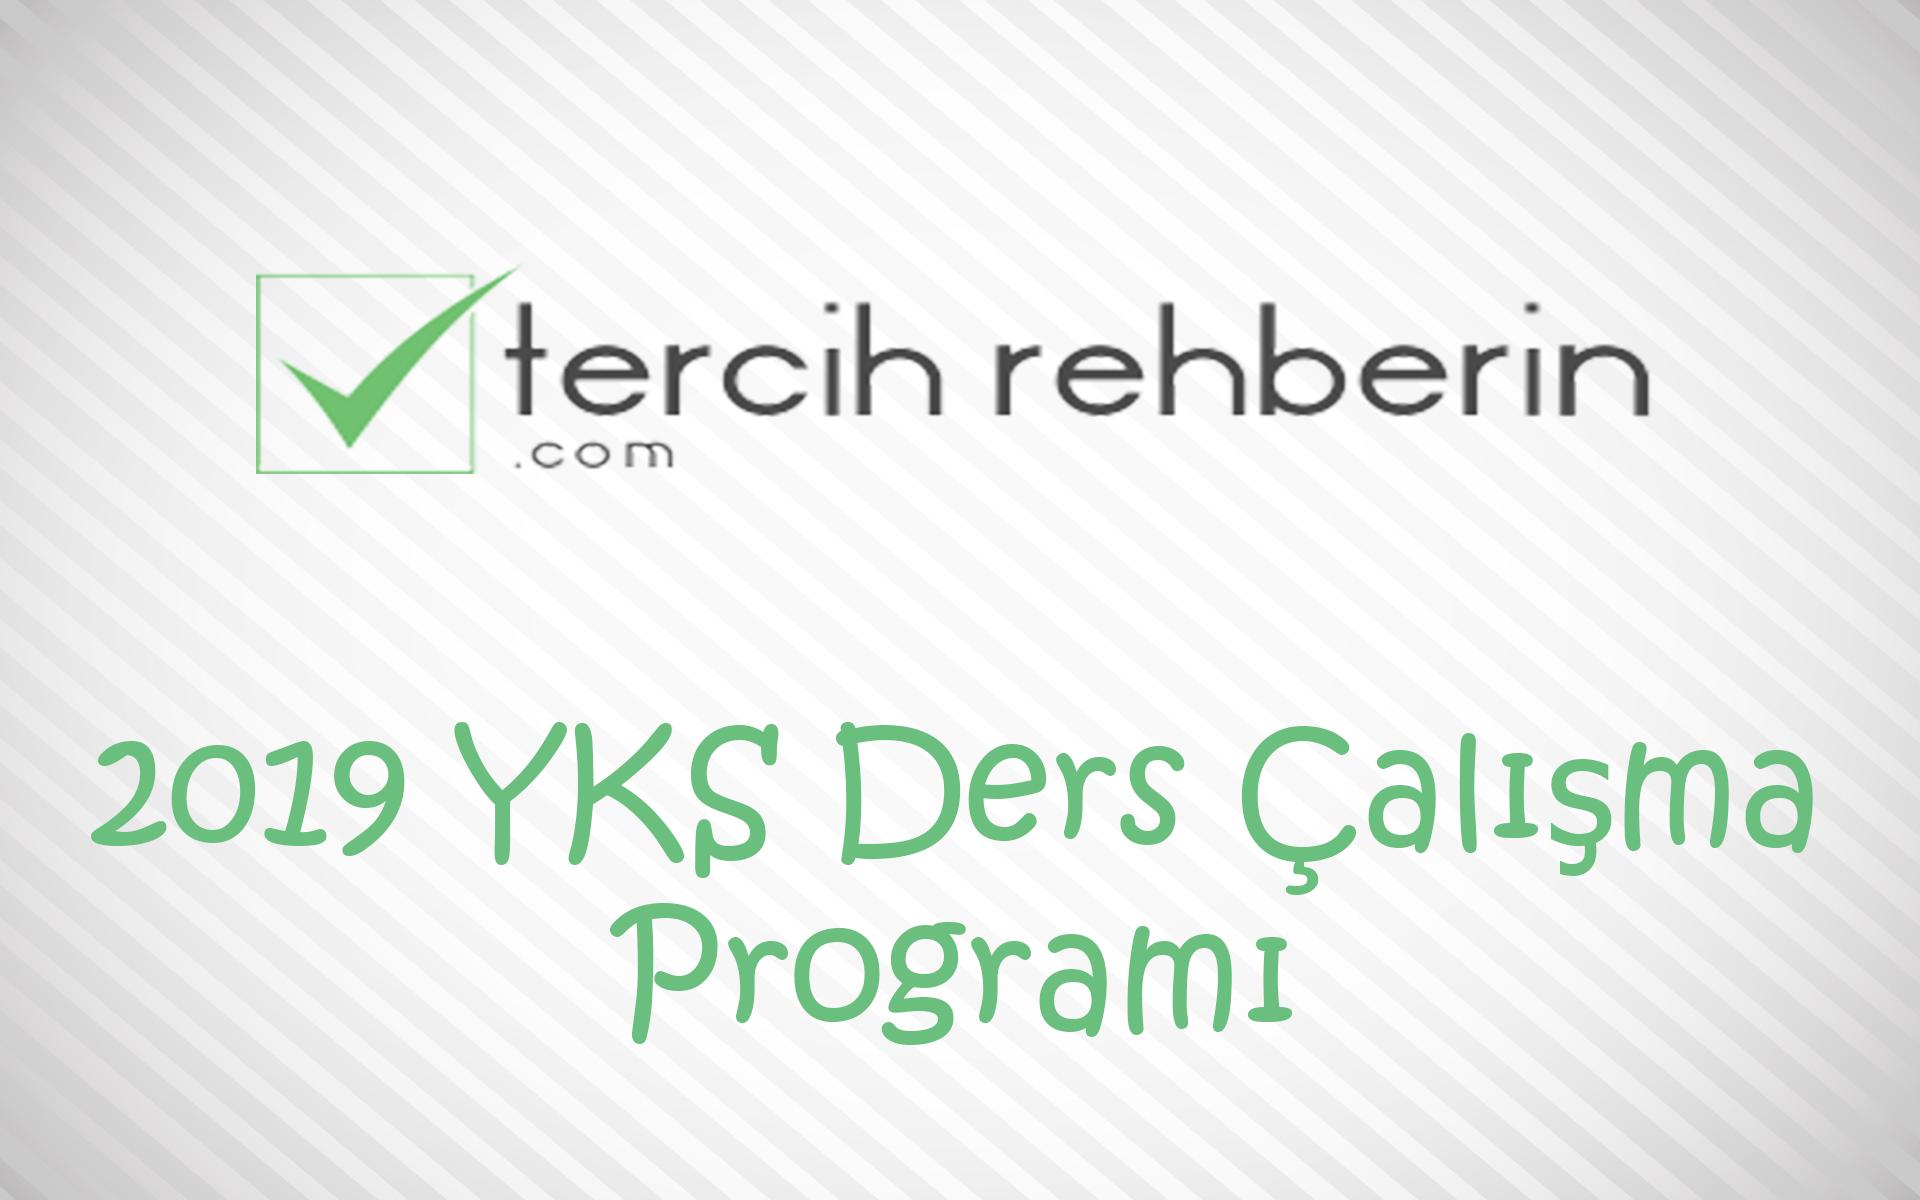 YKS Ders Çalışma Programı